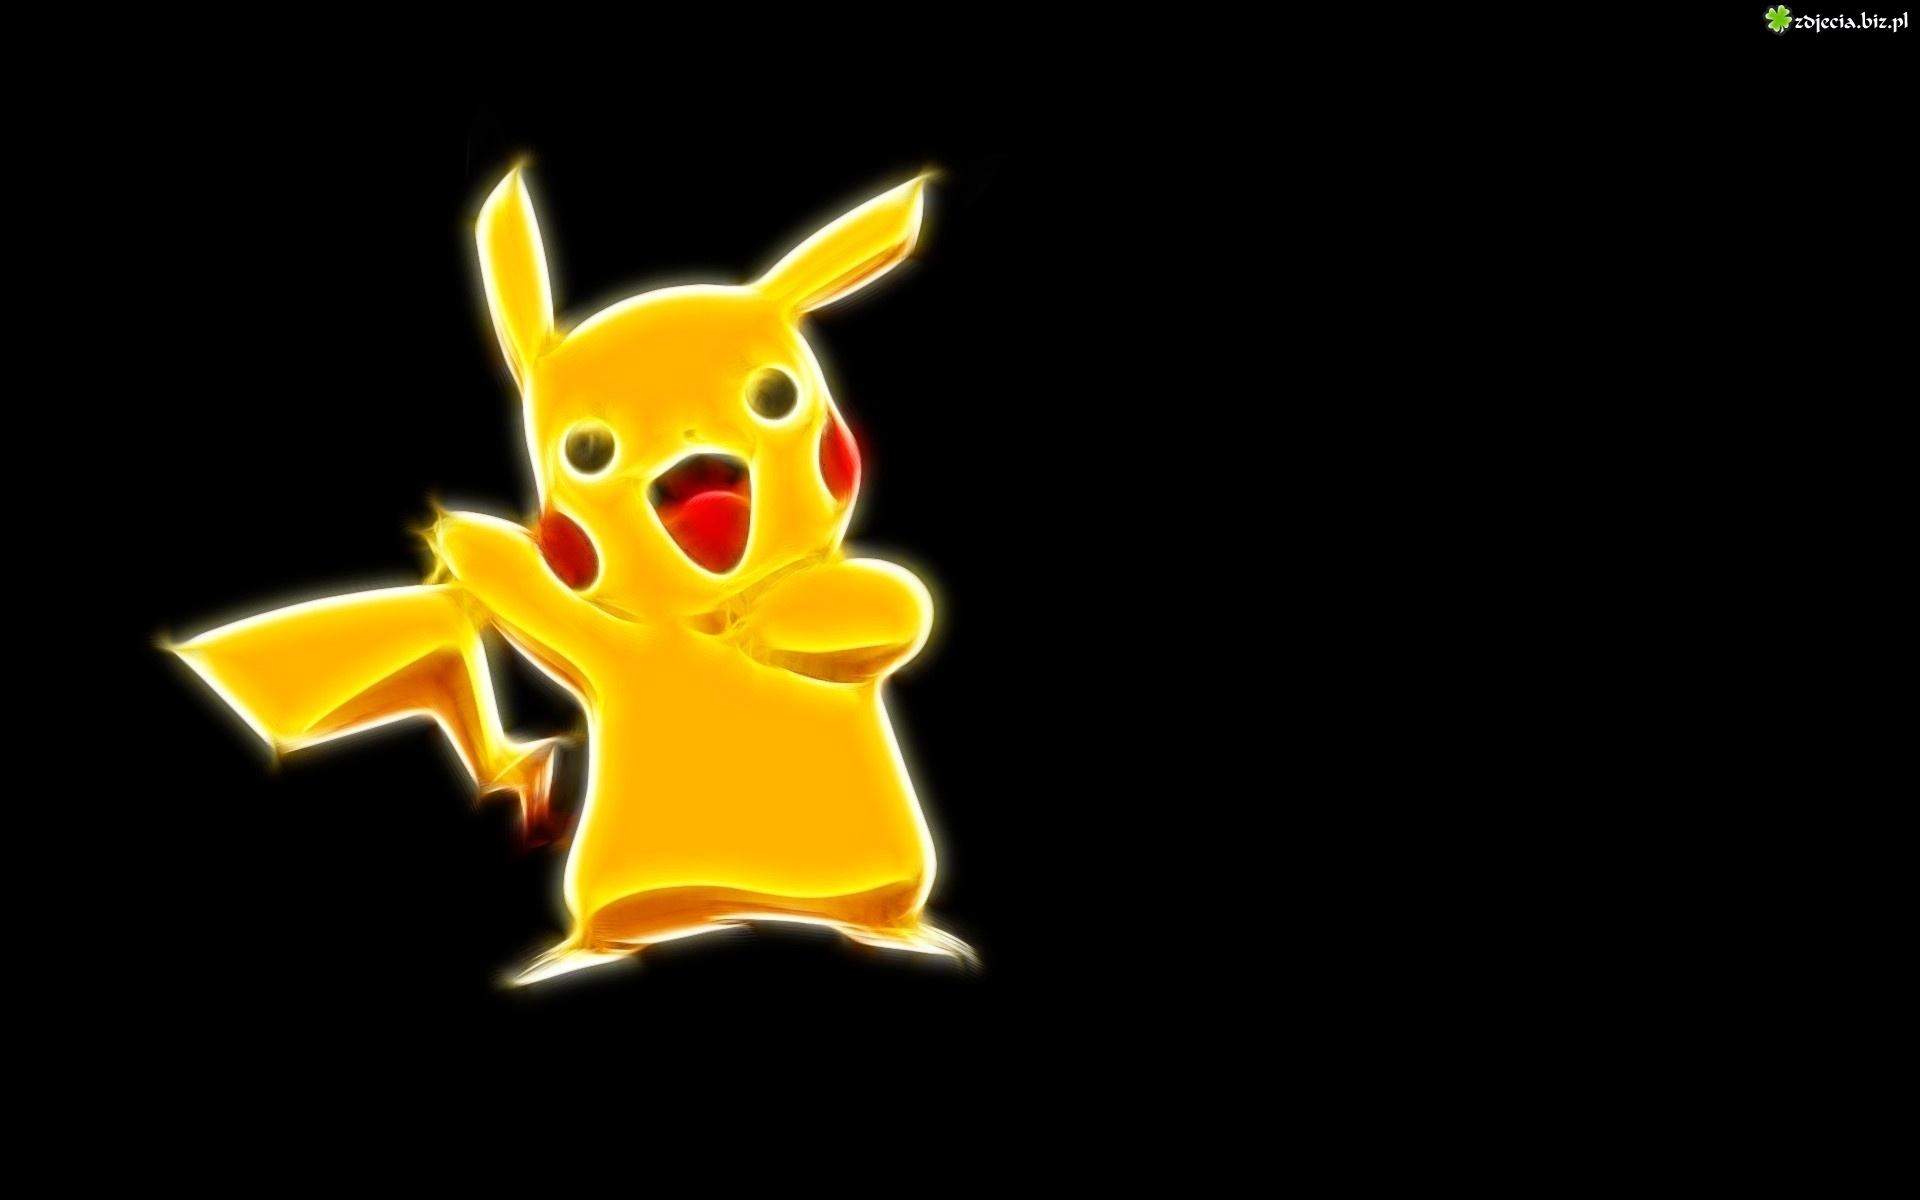 Zdjęcie Pikachu